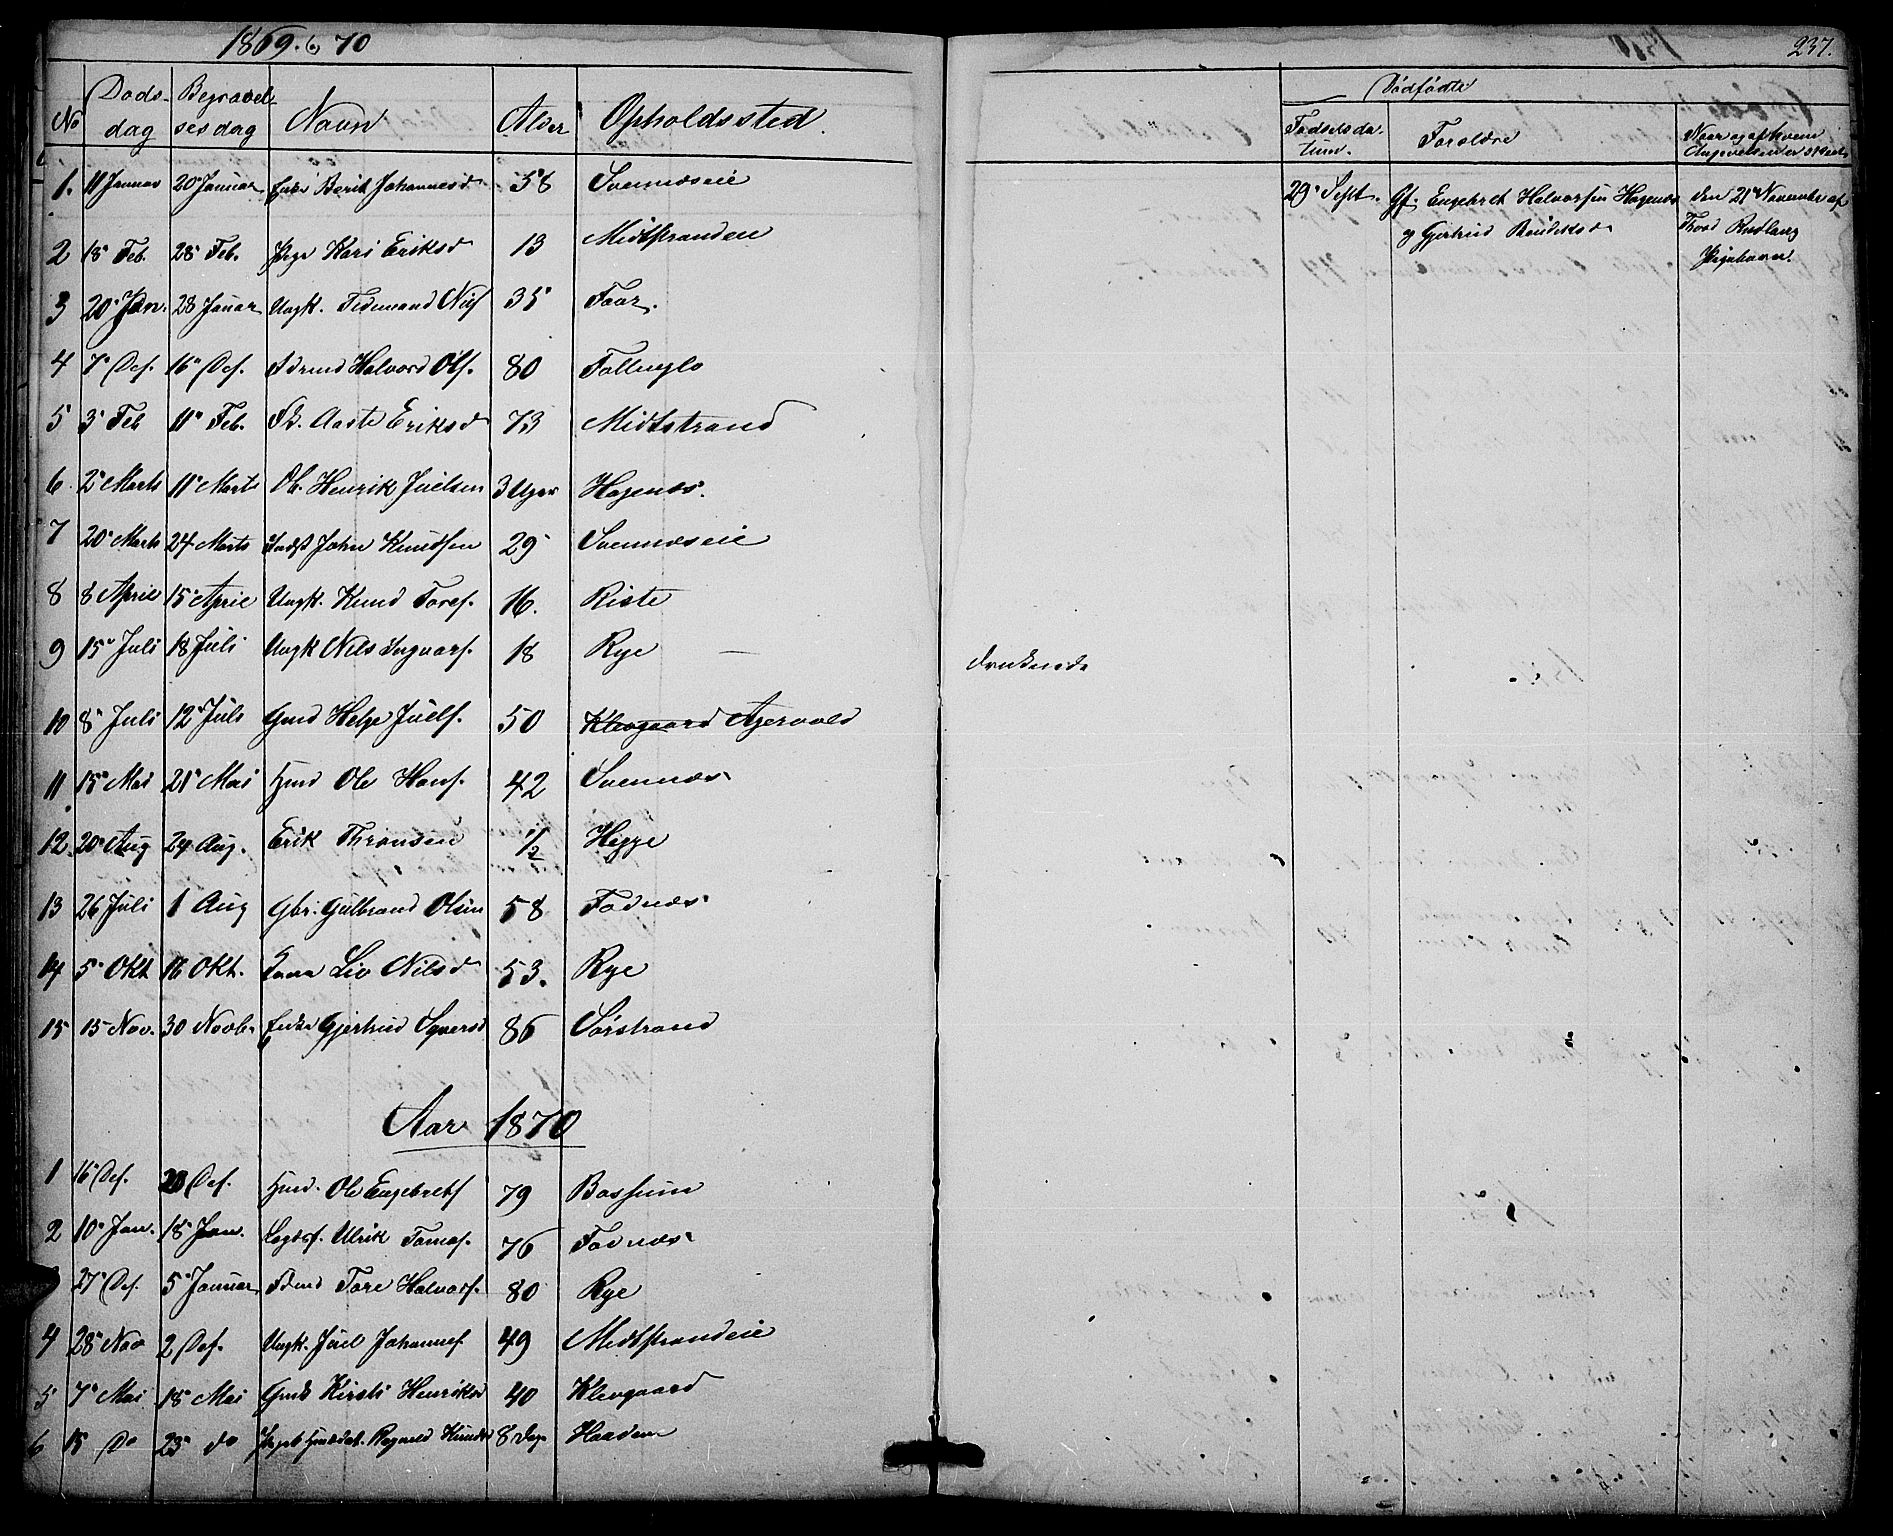 SAH, Nord-Aurdal prestekontor, Klokkerbok nr. 3, 1842-1882, s. 237